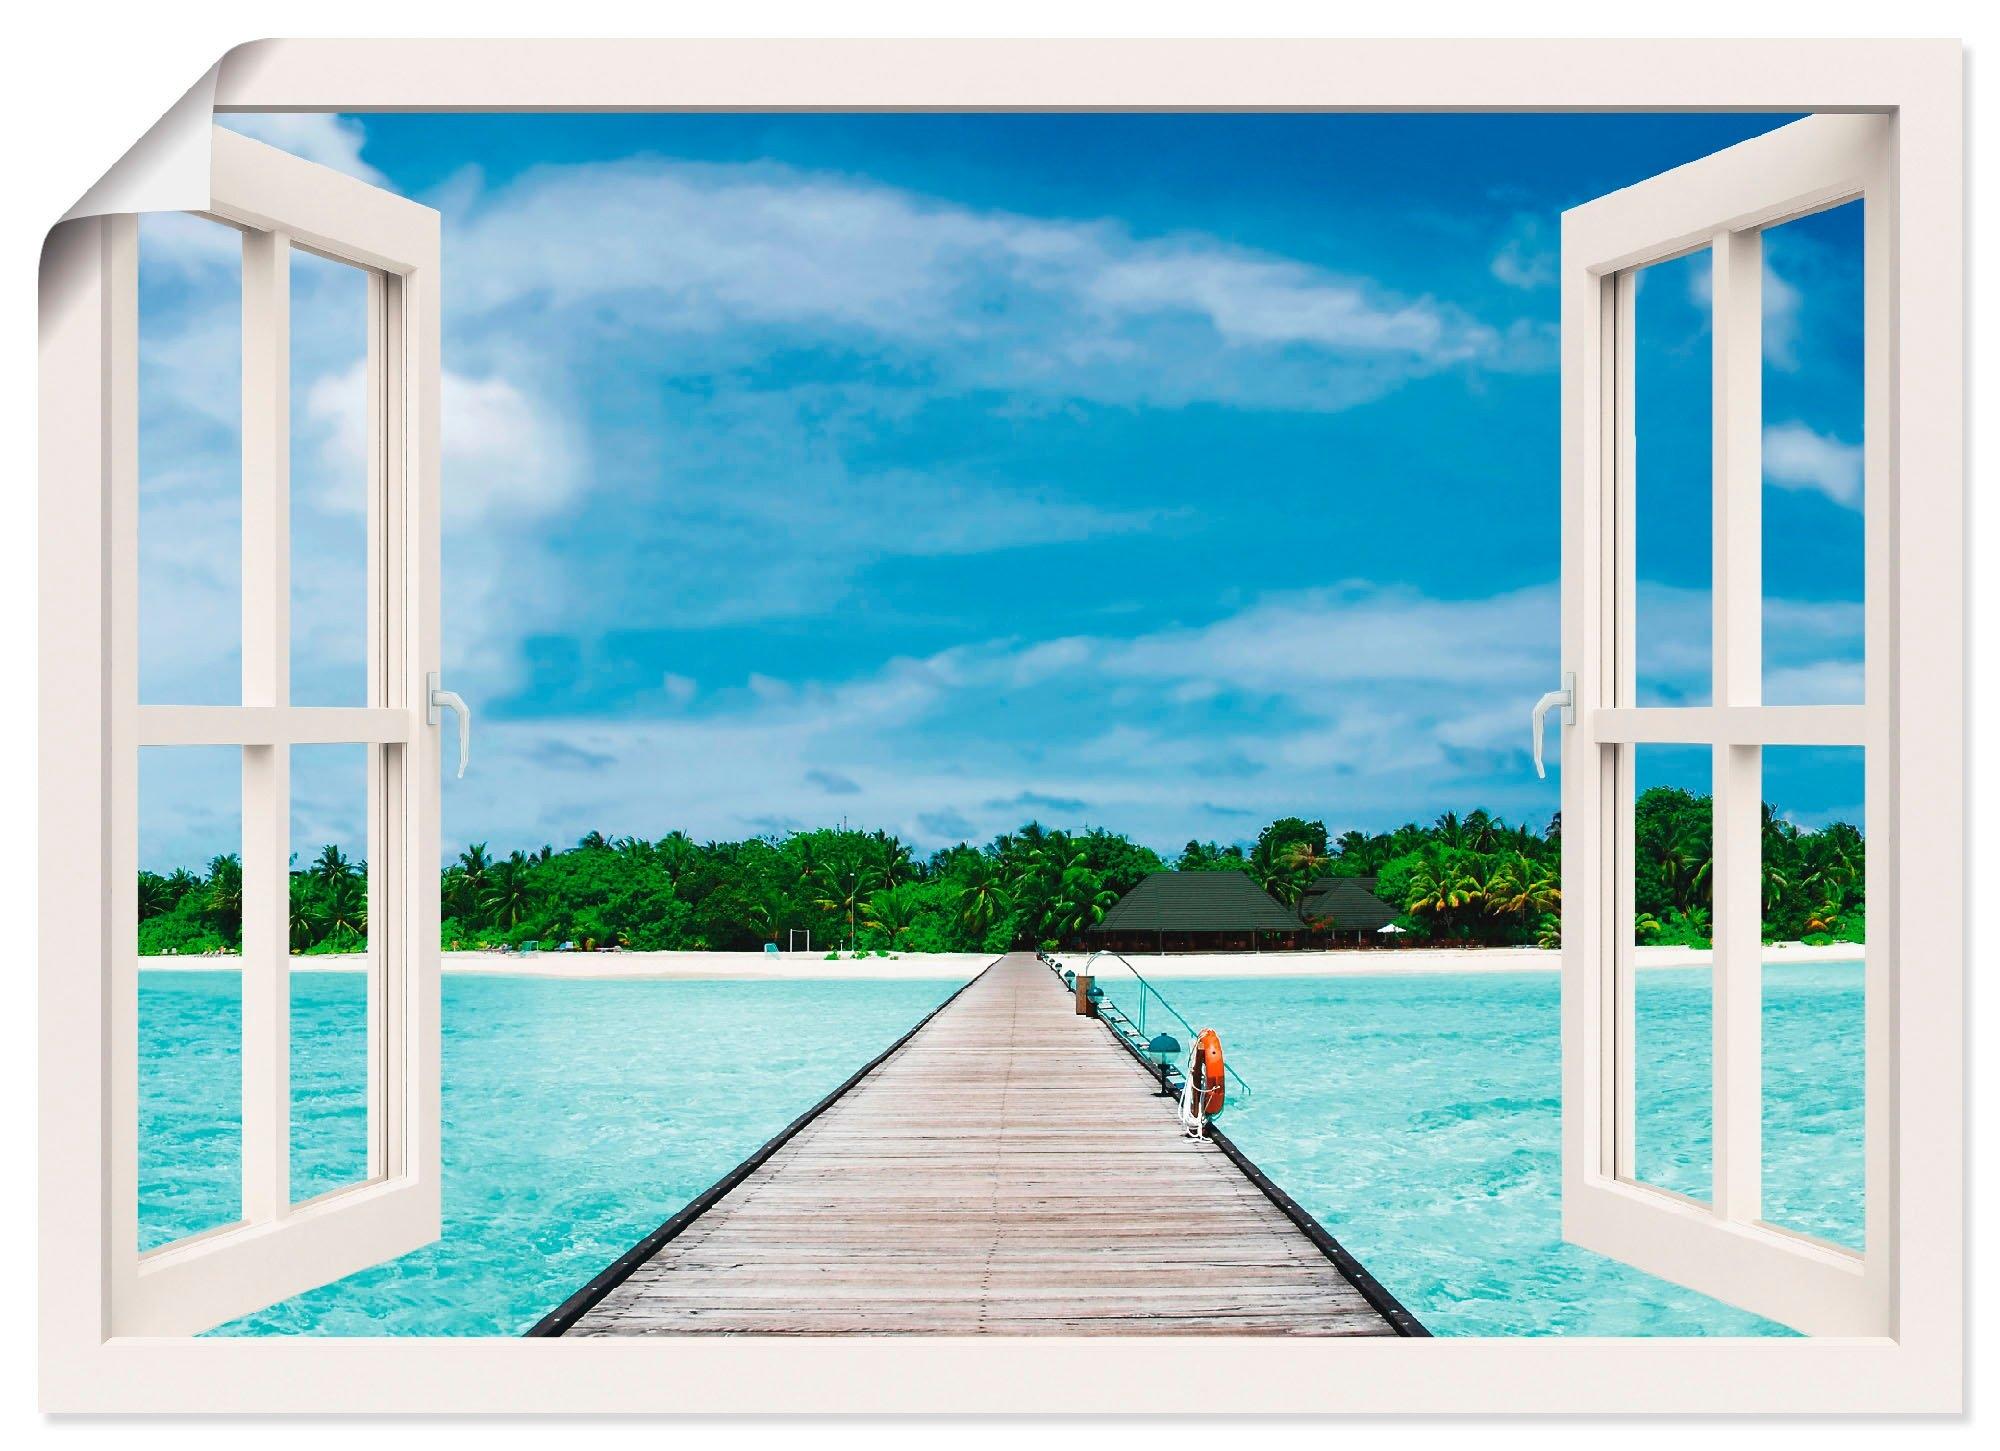 Artland artprint Blik uit het venster Maldivisch paradijs in vele afmetingen & productsoorten -artprint op linnen, poster, muursticker / wandfolie ook geschikt voor de badkamer (1 stuk) goedkoop op otto.nl kopen